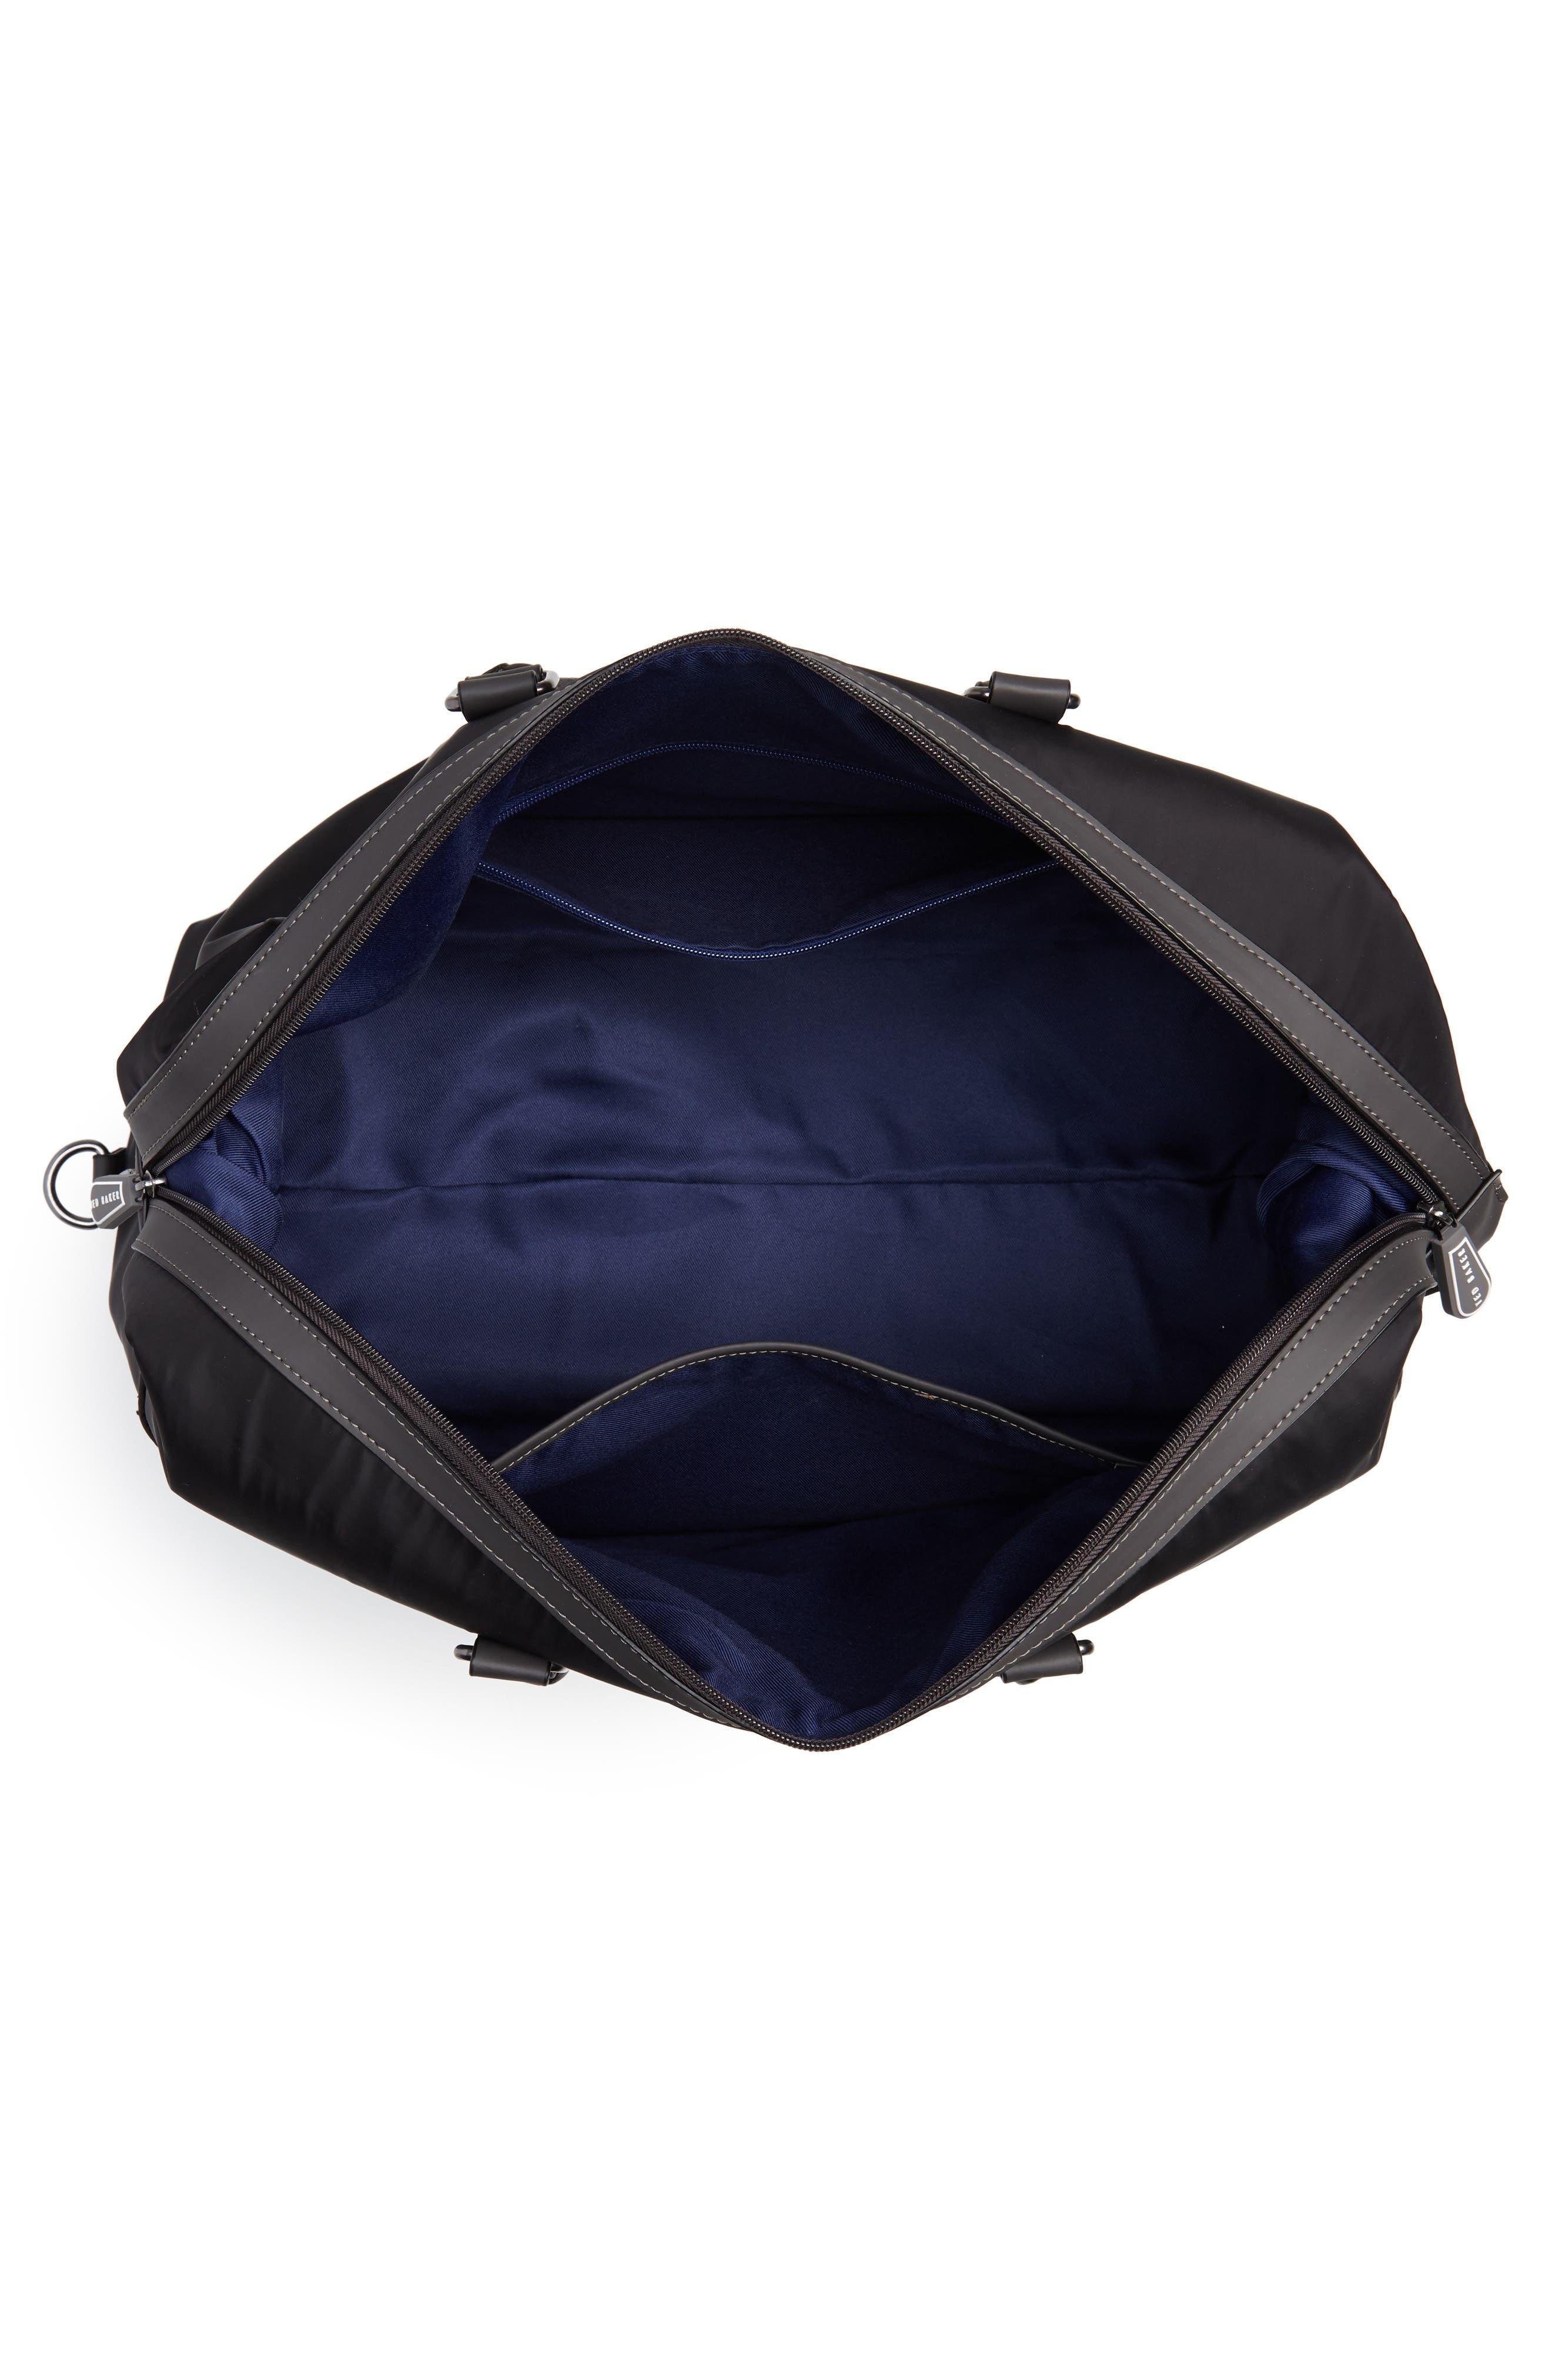 Duffel Bag,                             Alternate thumbnail 4, color,                             001